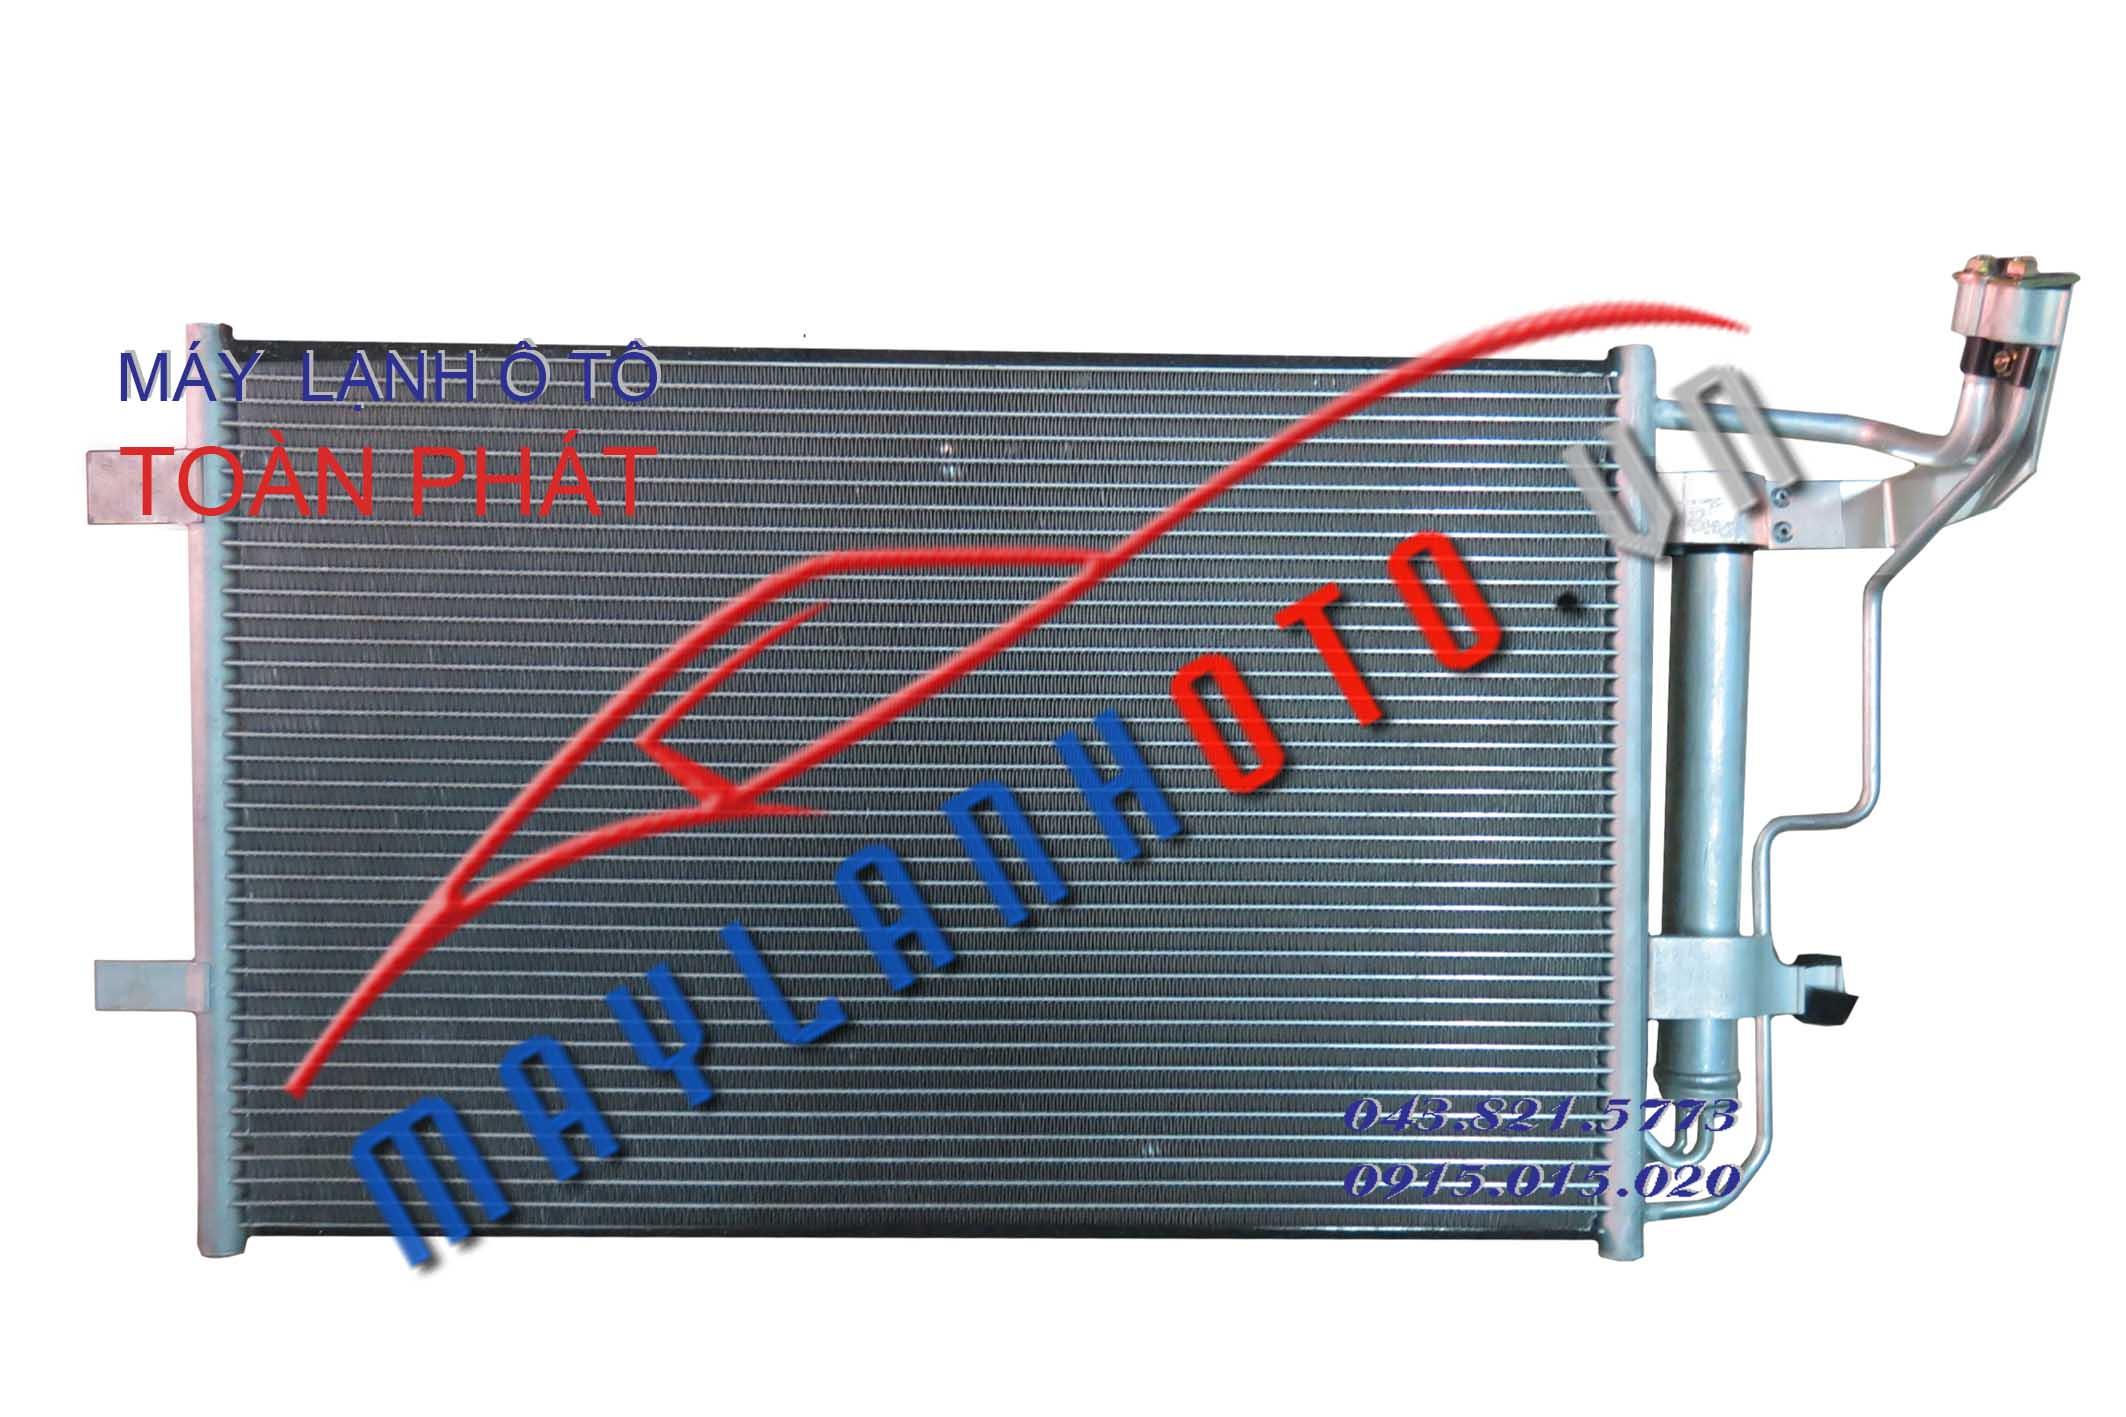 3 - 2010/ Giàn nóng điều hòa Mazda 3-2010 / Dàn nóng điều hòa Mazda 3-2010